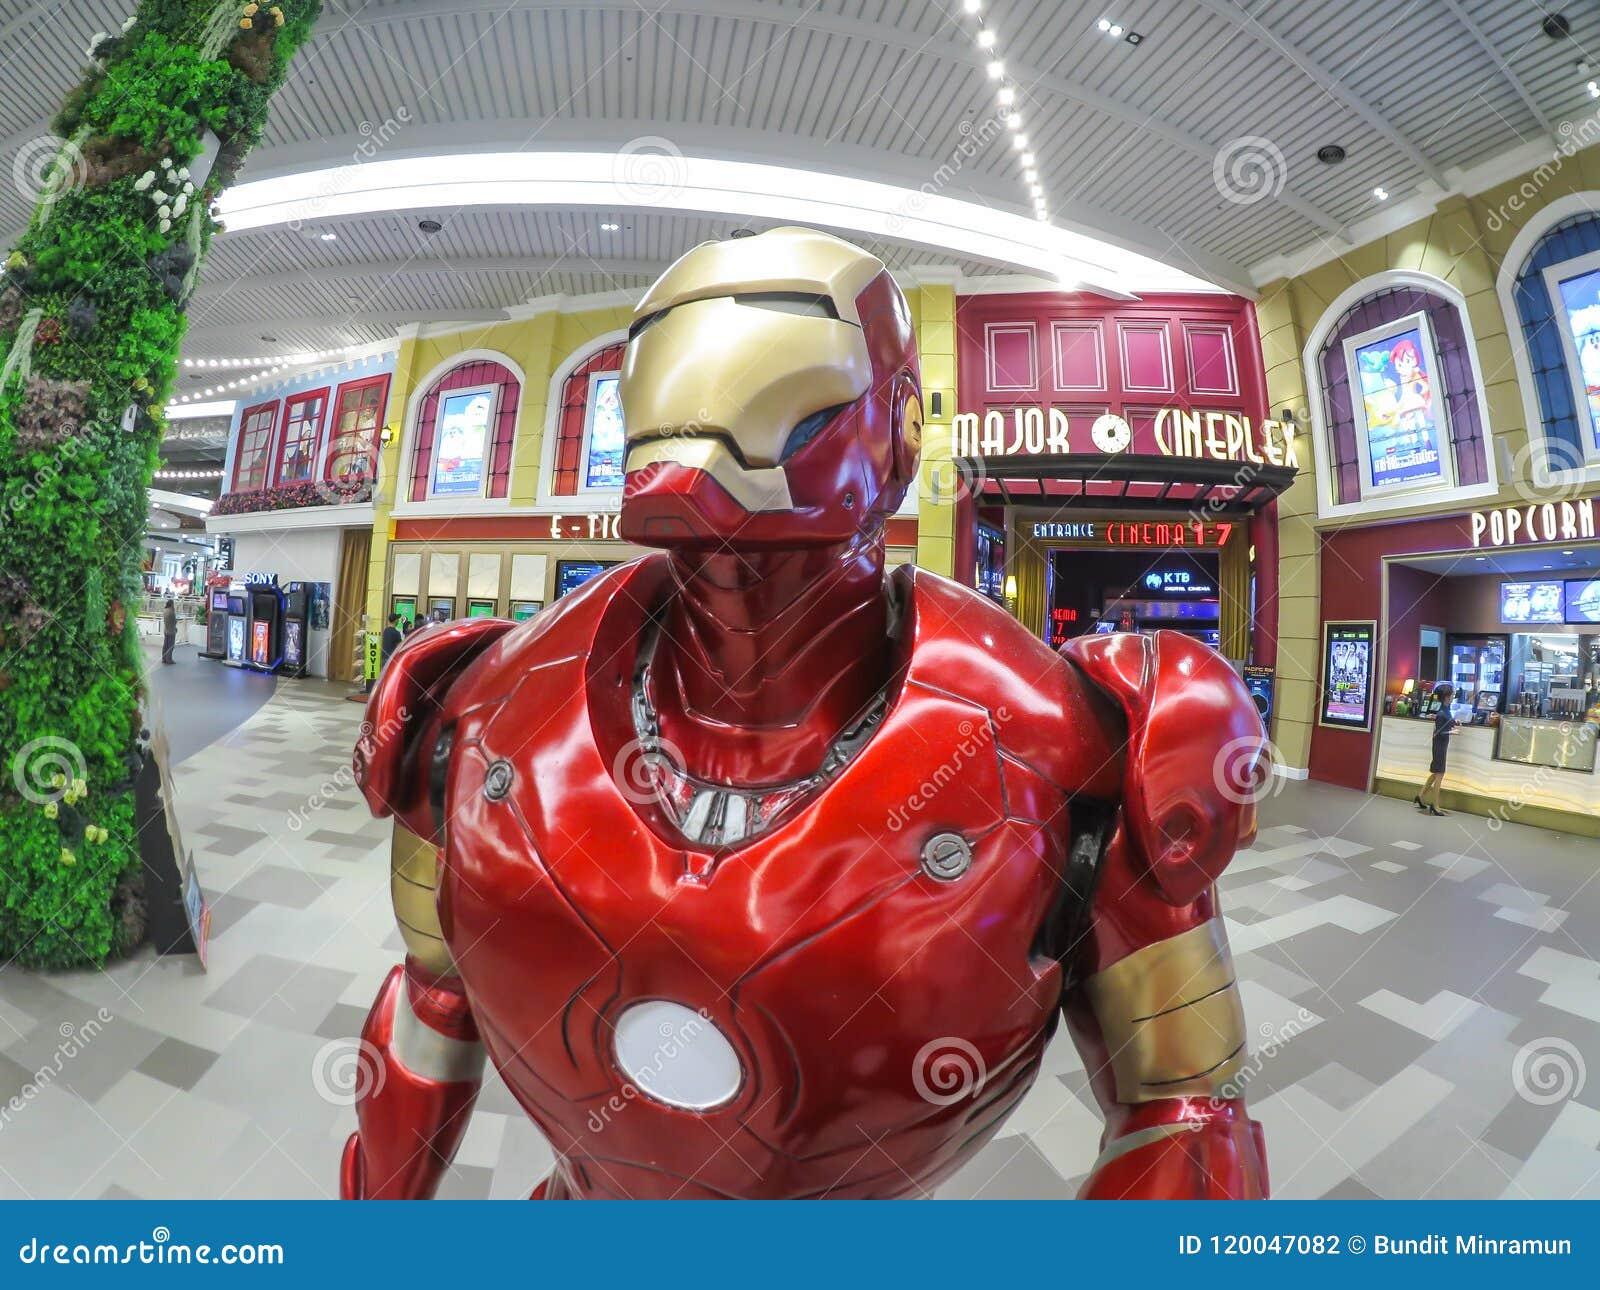 Repassez le modèle grandeur nature d homme, un super héros fictif apparaissant dans les bandes dessinées américaines éditées par